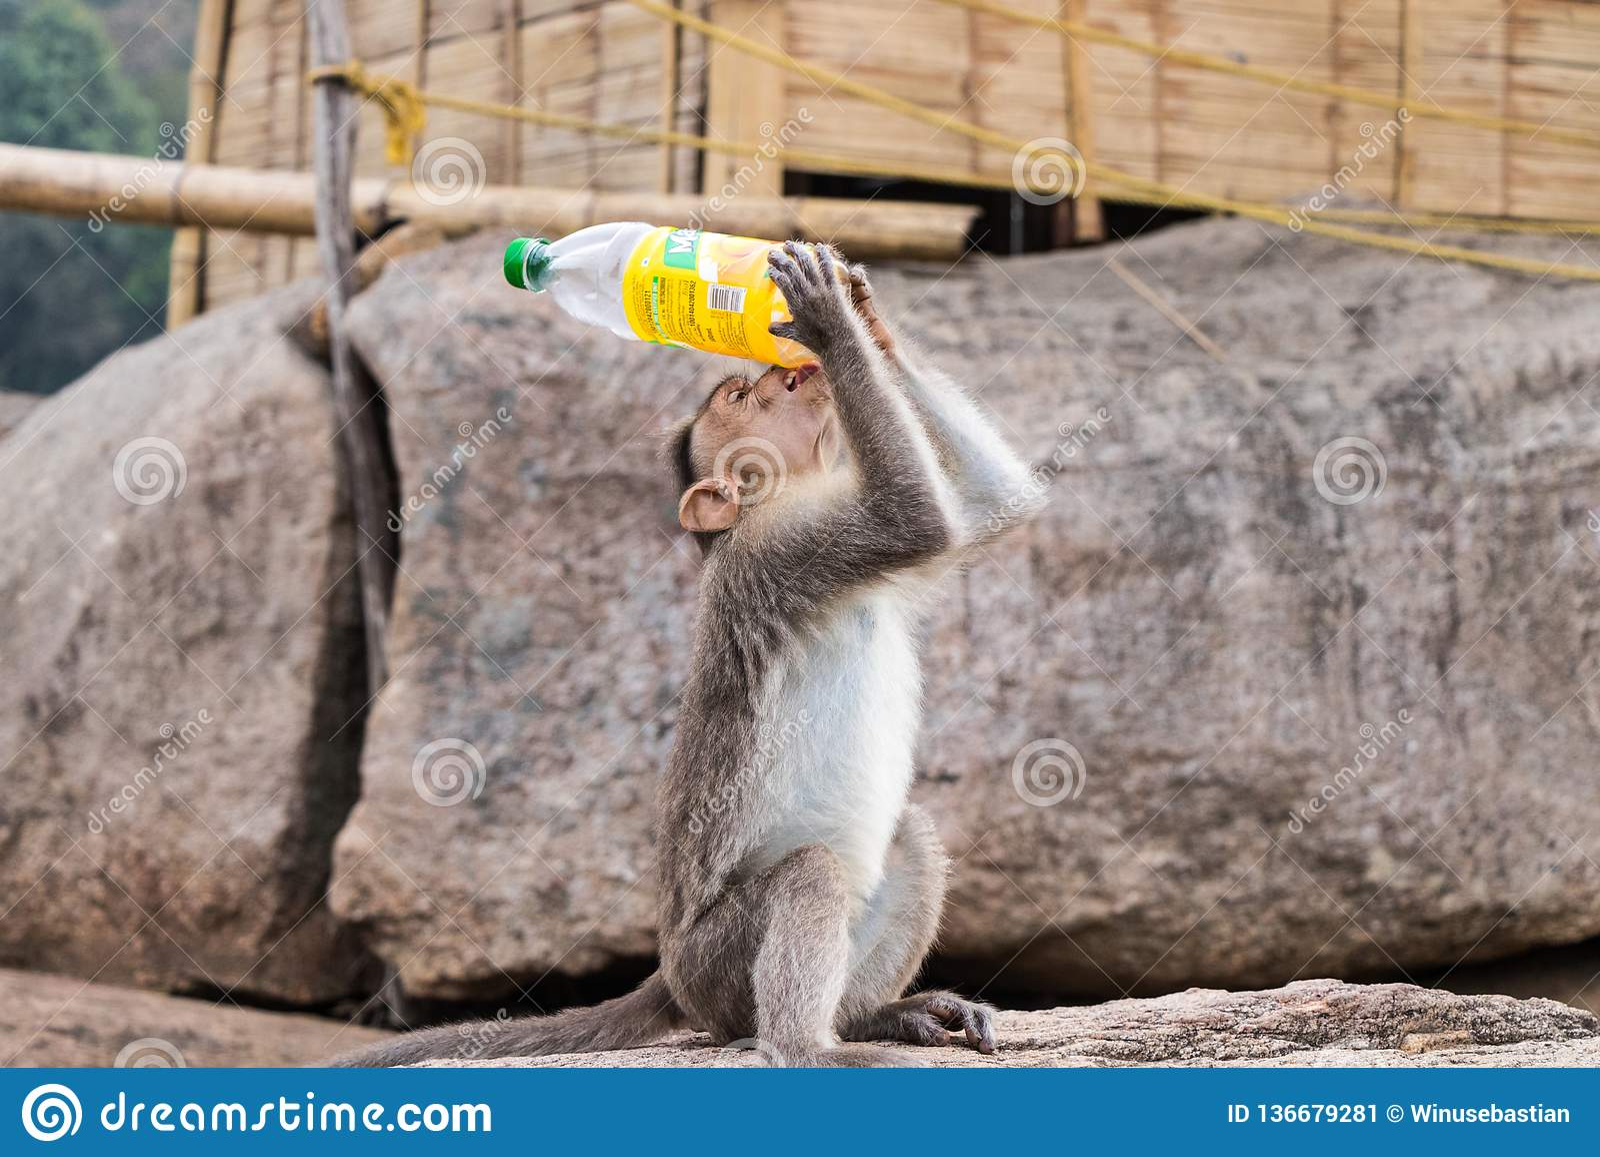 Monkey drinking water from bottle